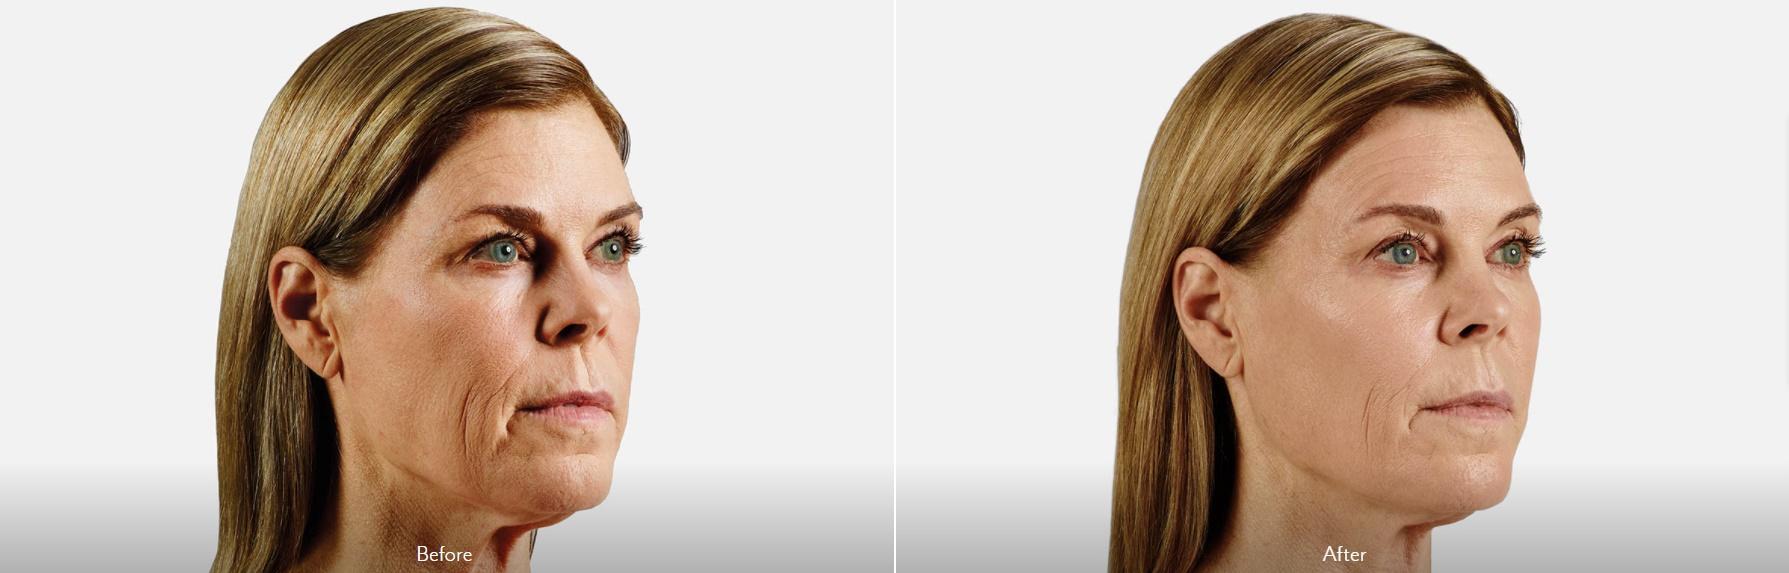 Marionette & Cheek Augmentation